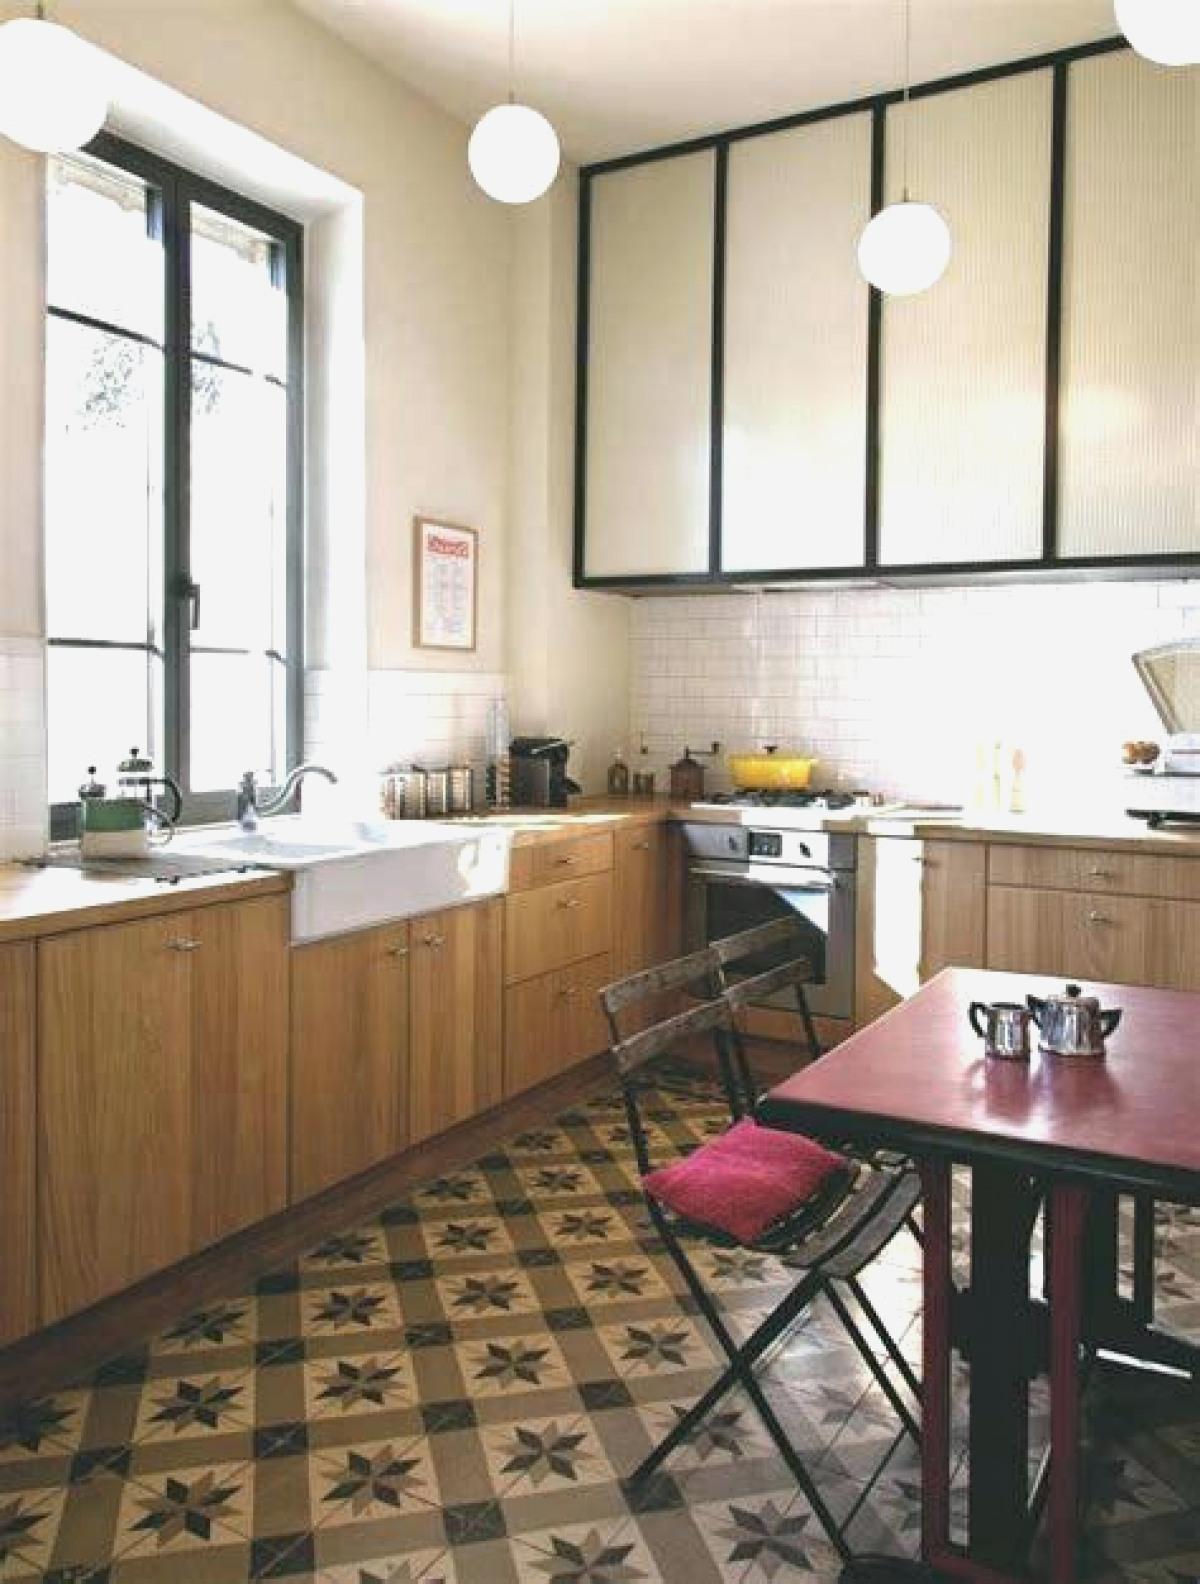 Cuisine evier ancien - pearlfection.fr